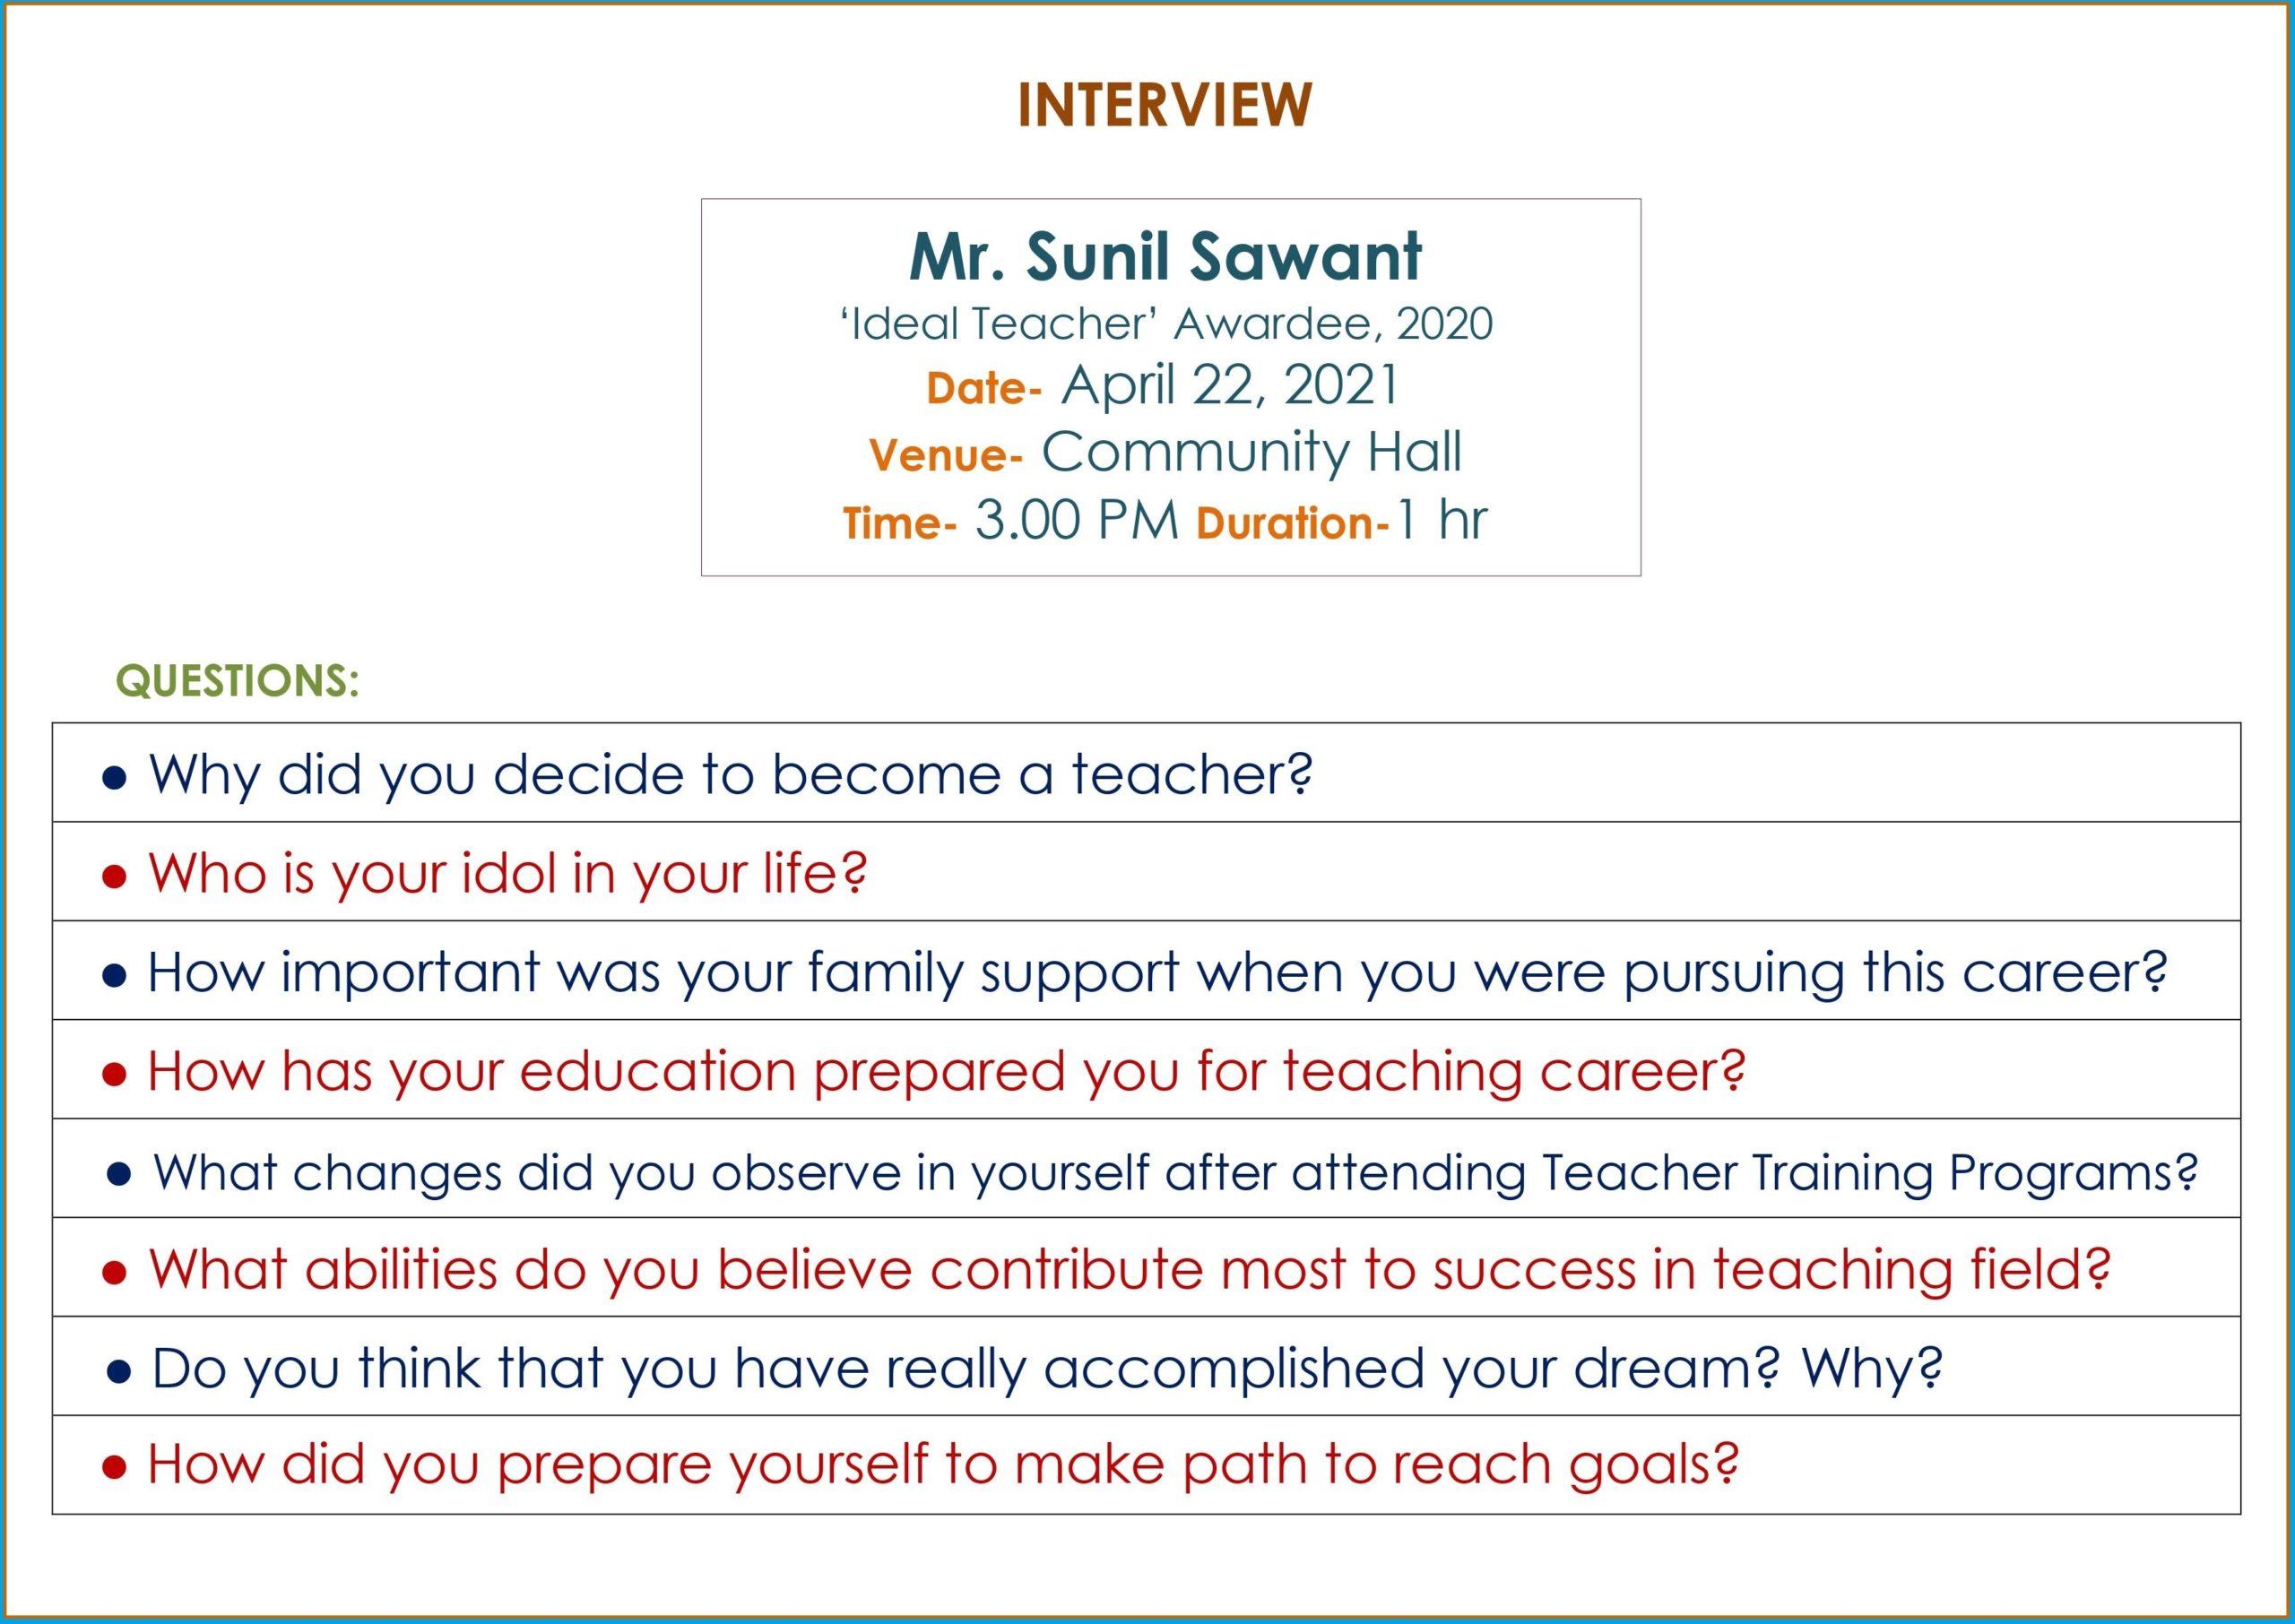 Interview of Ideal Teacher